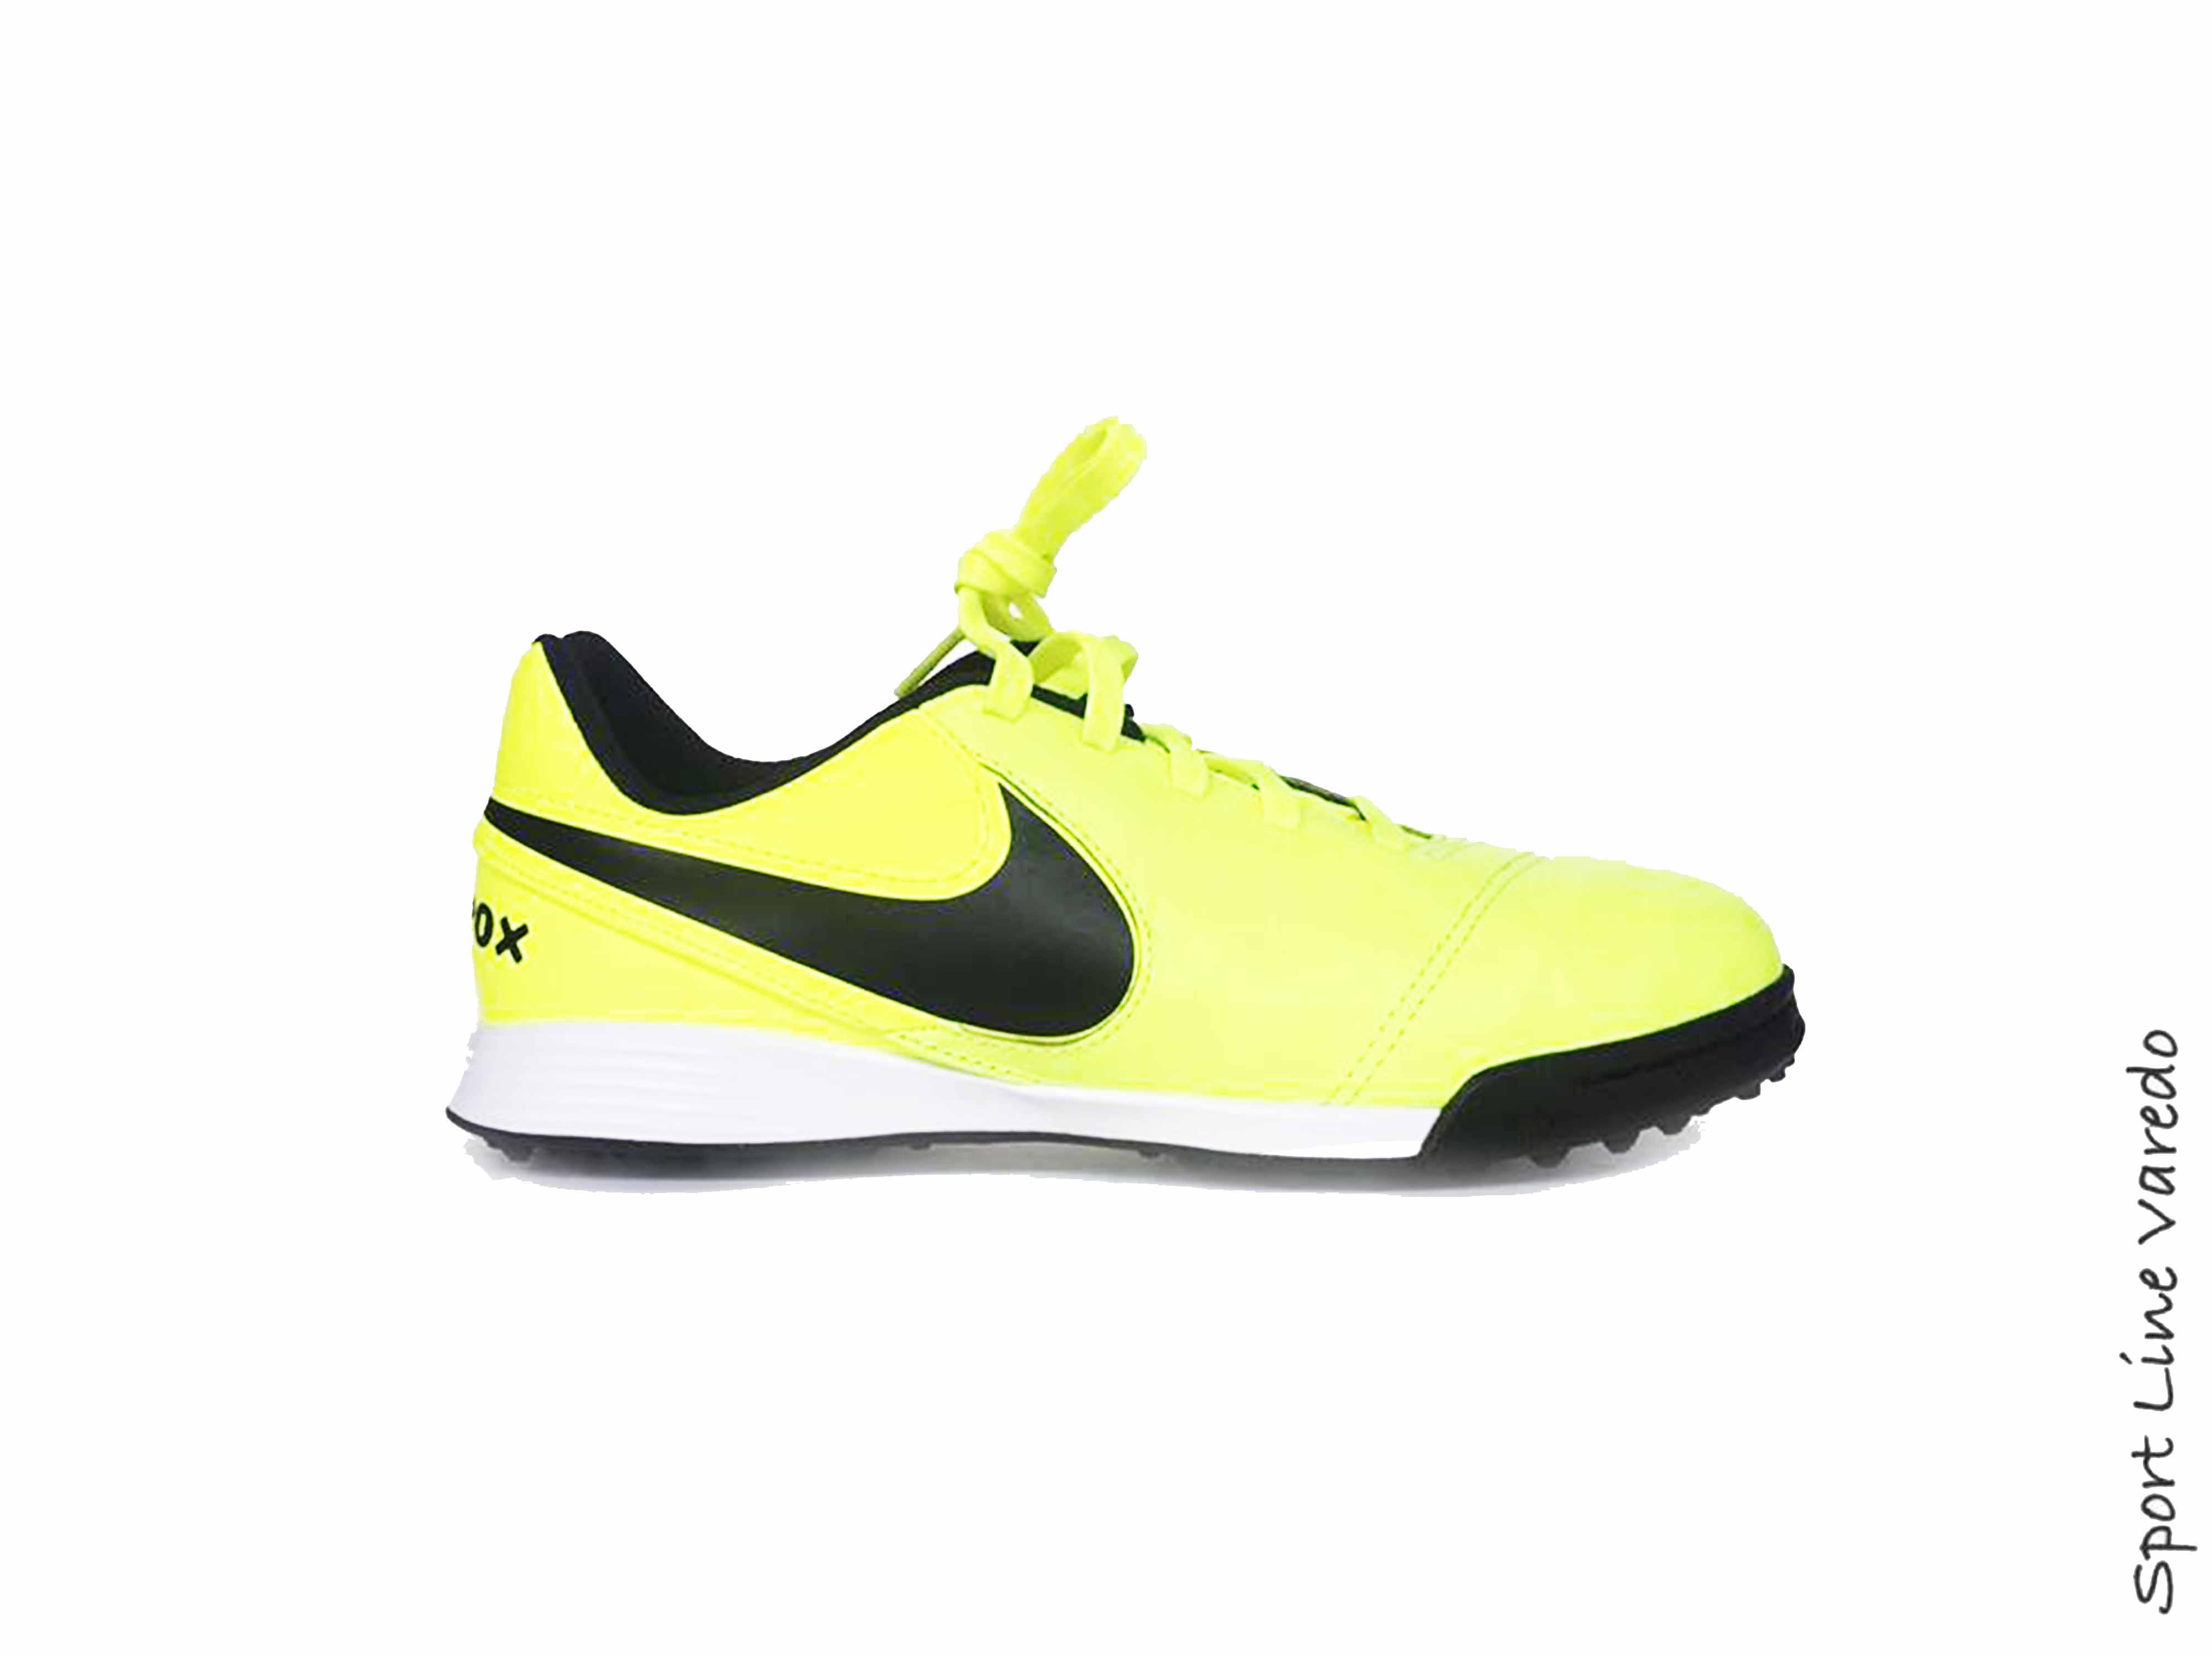 best cheap b92fb 4830d Nike Tiempo LEGEND TF JR